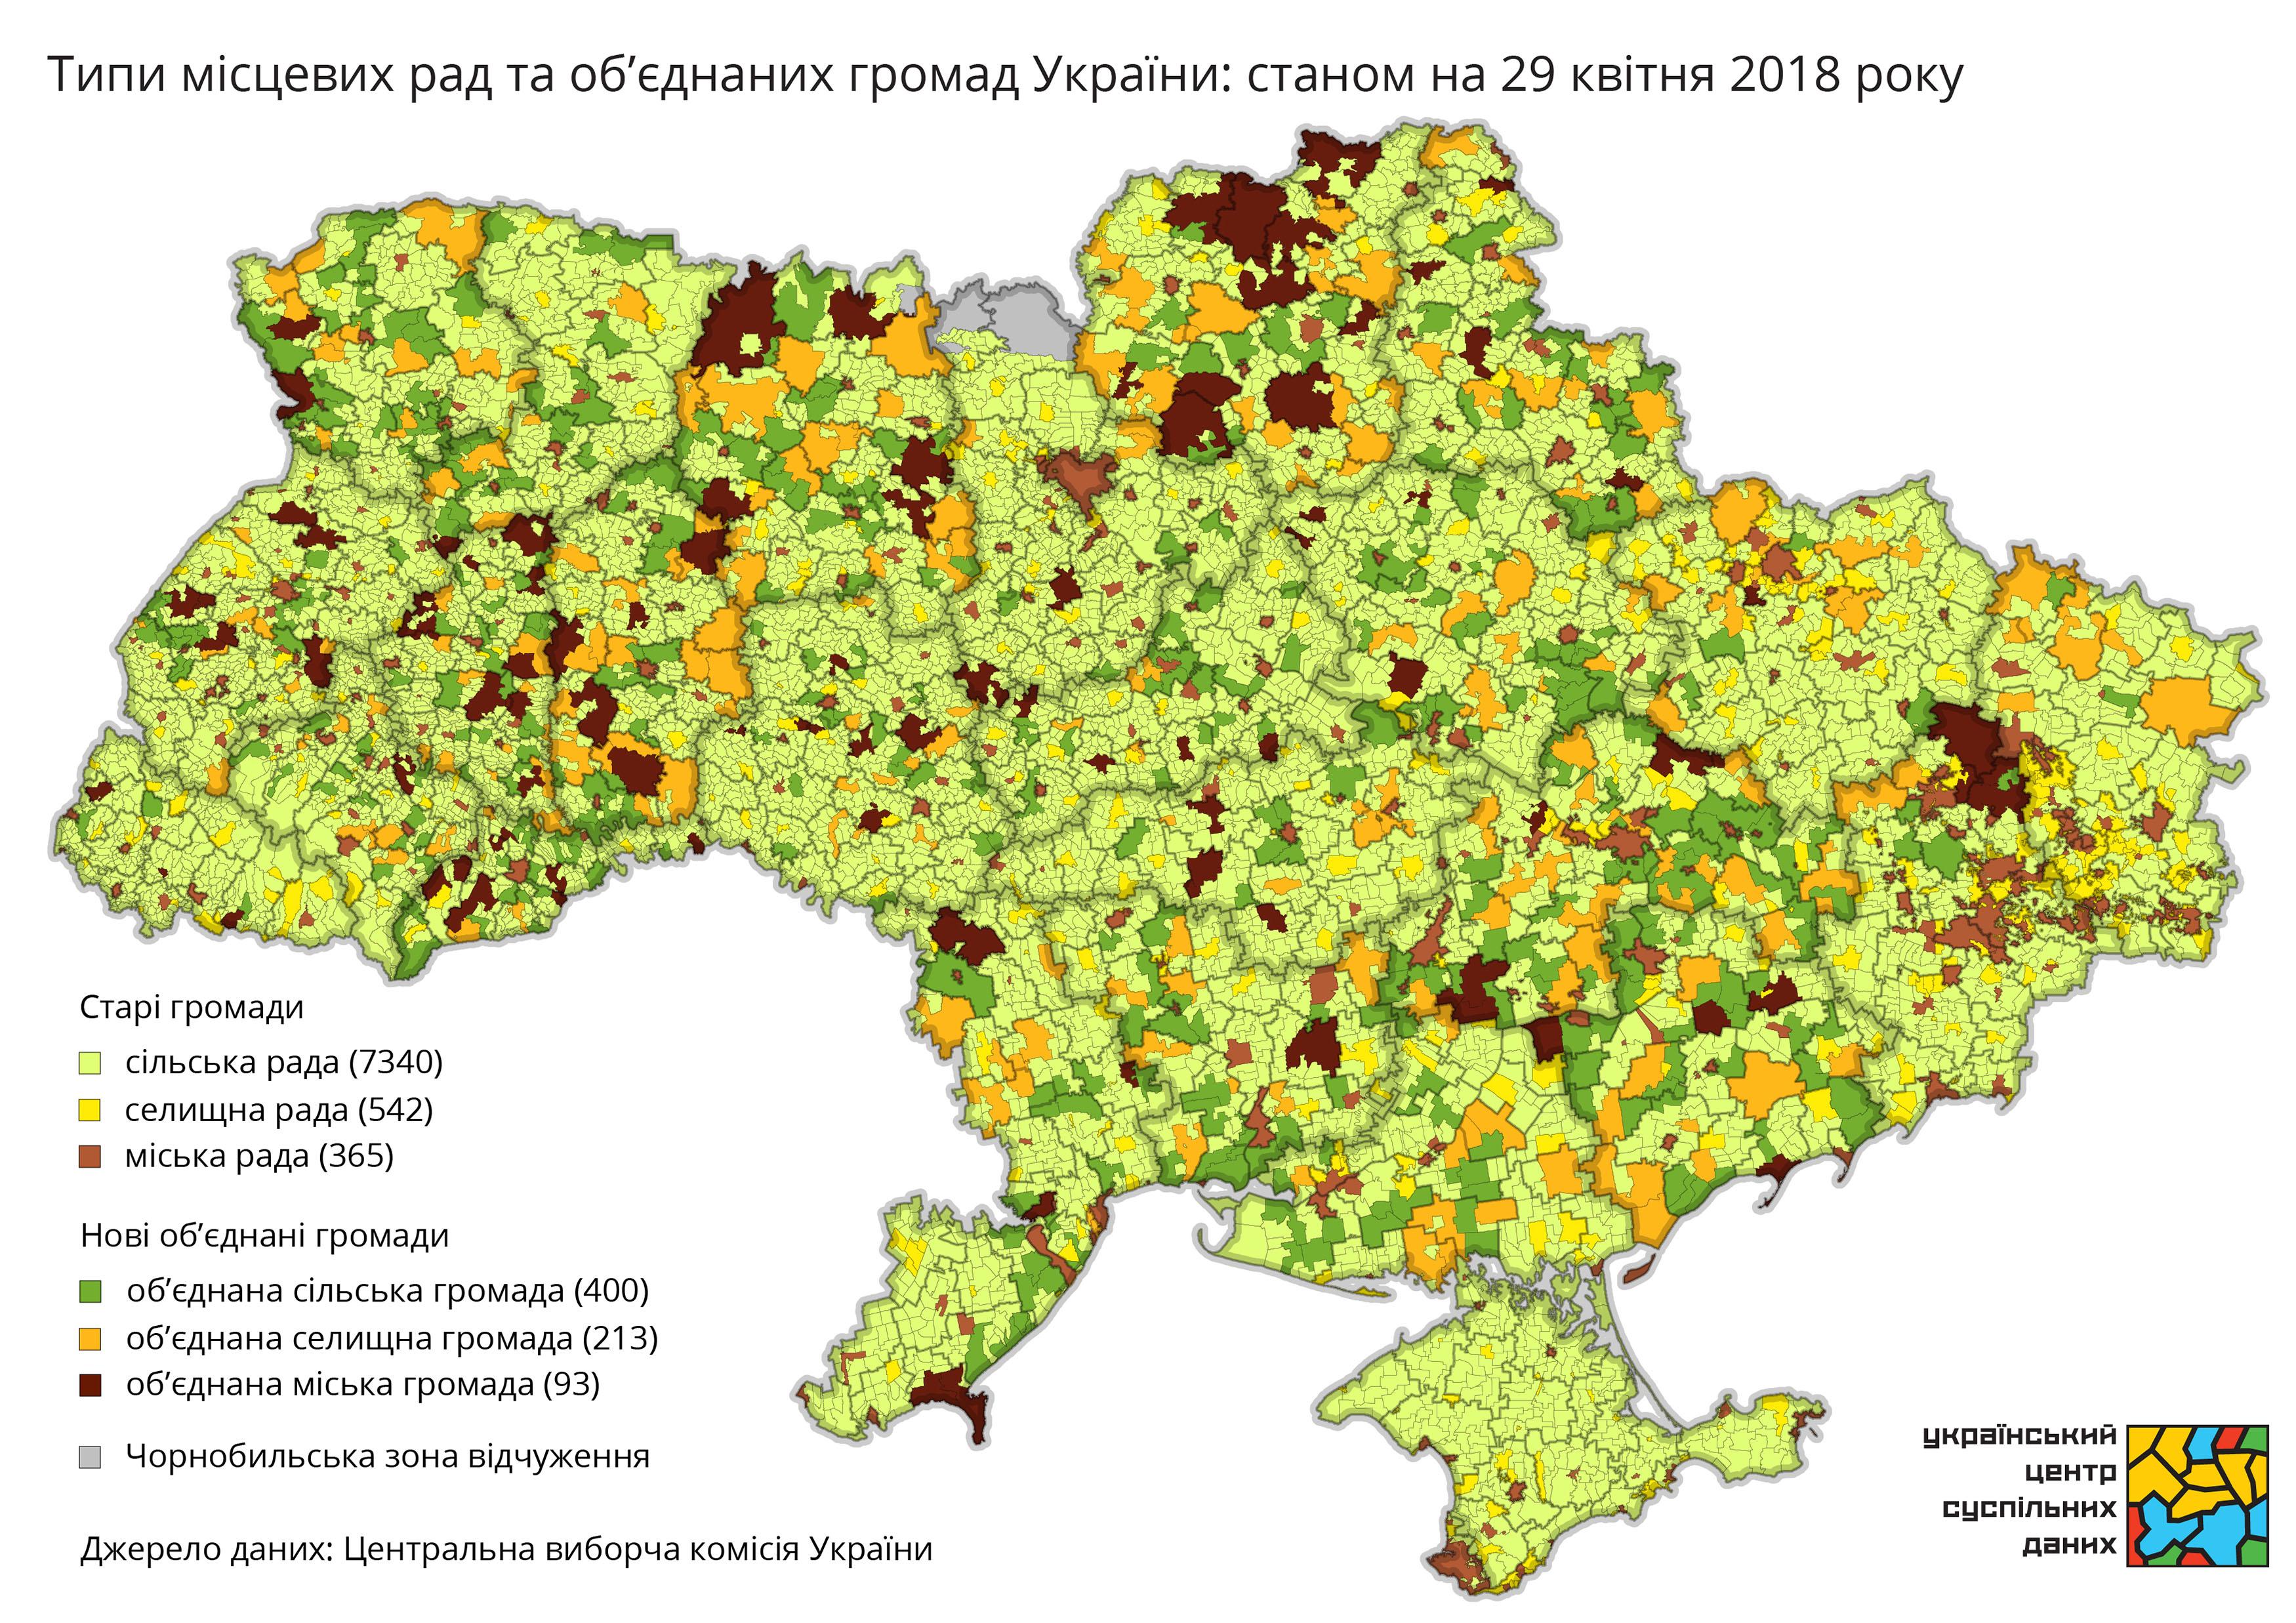 Decentralization Ukraine_new_communities_type_May2017